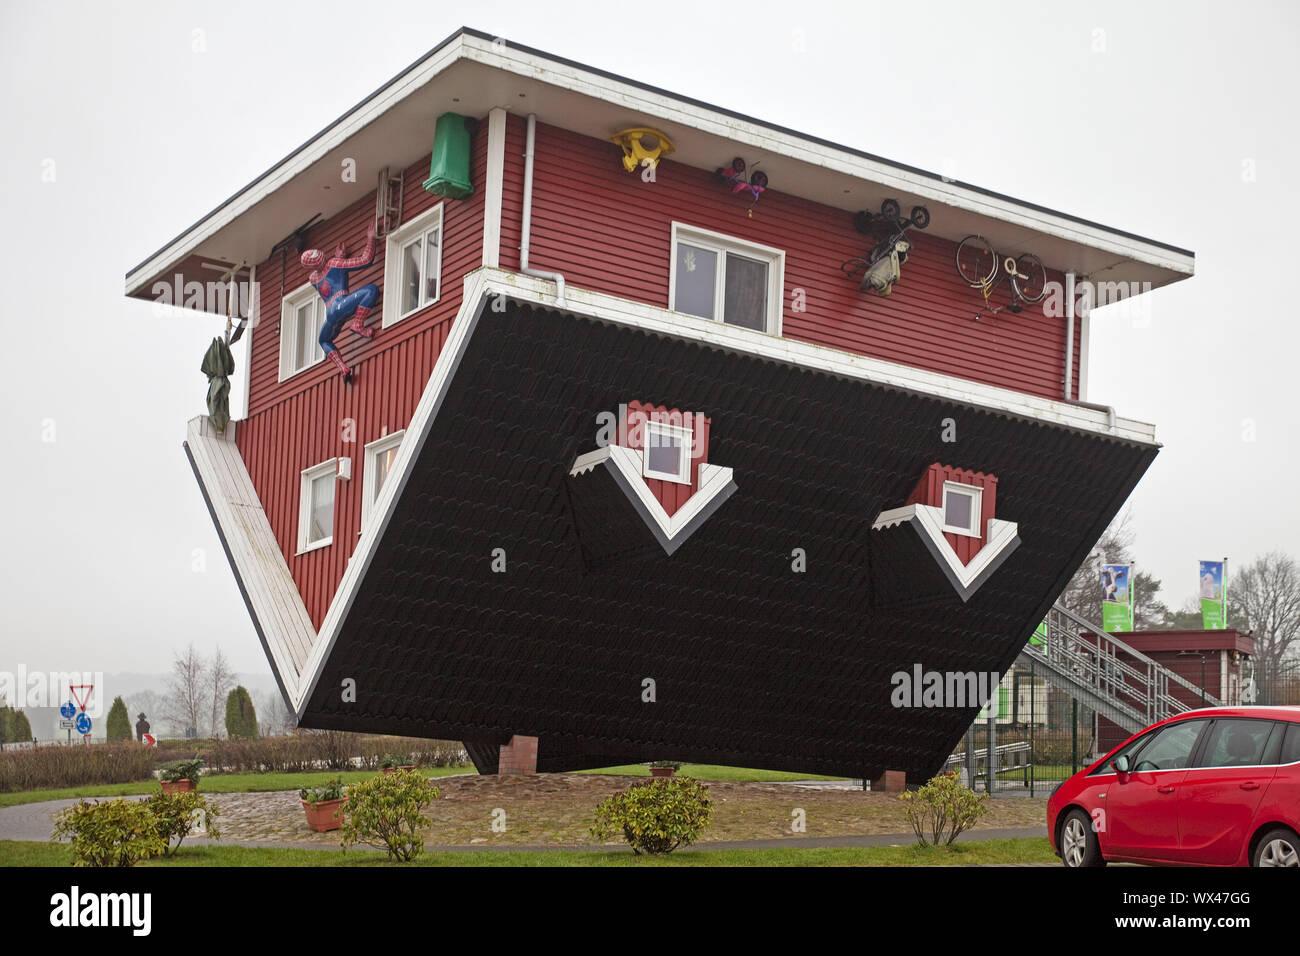 Il Crazy House, un upside down house con attrezzature complete, Bispingen, Bassa Sassonia, Germania Foto Stock